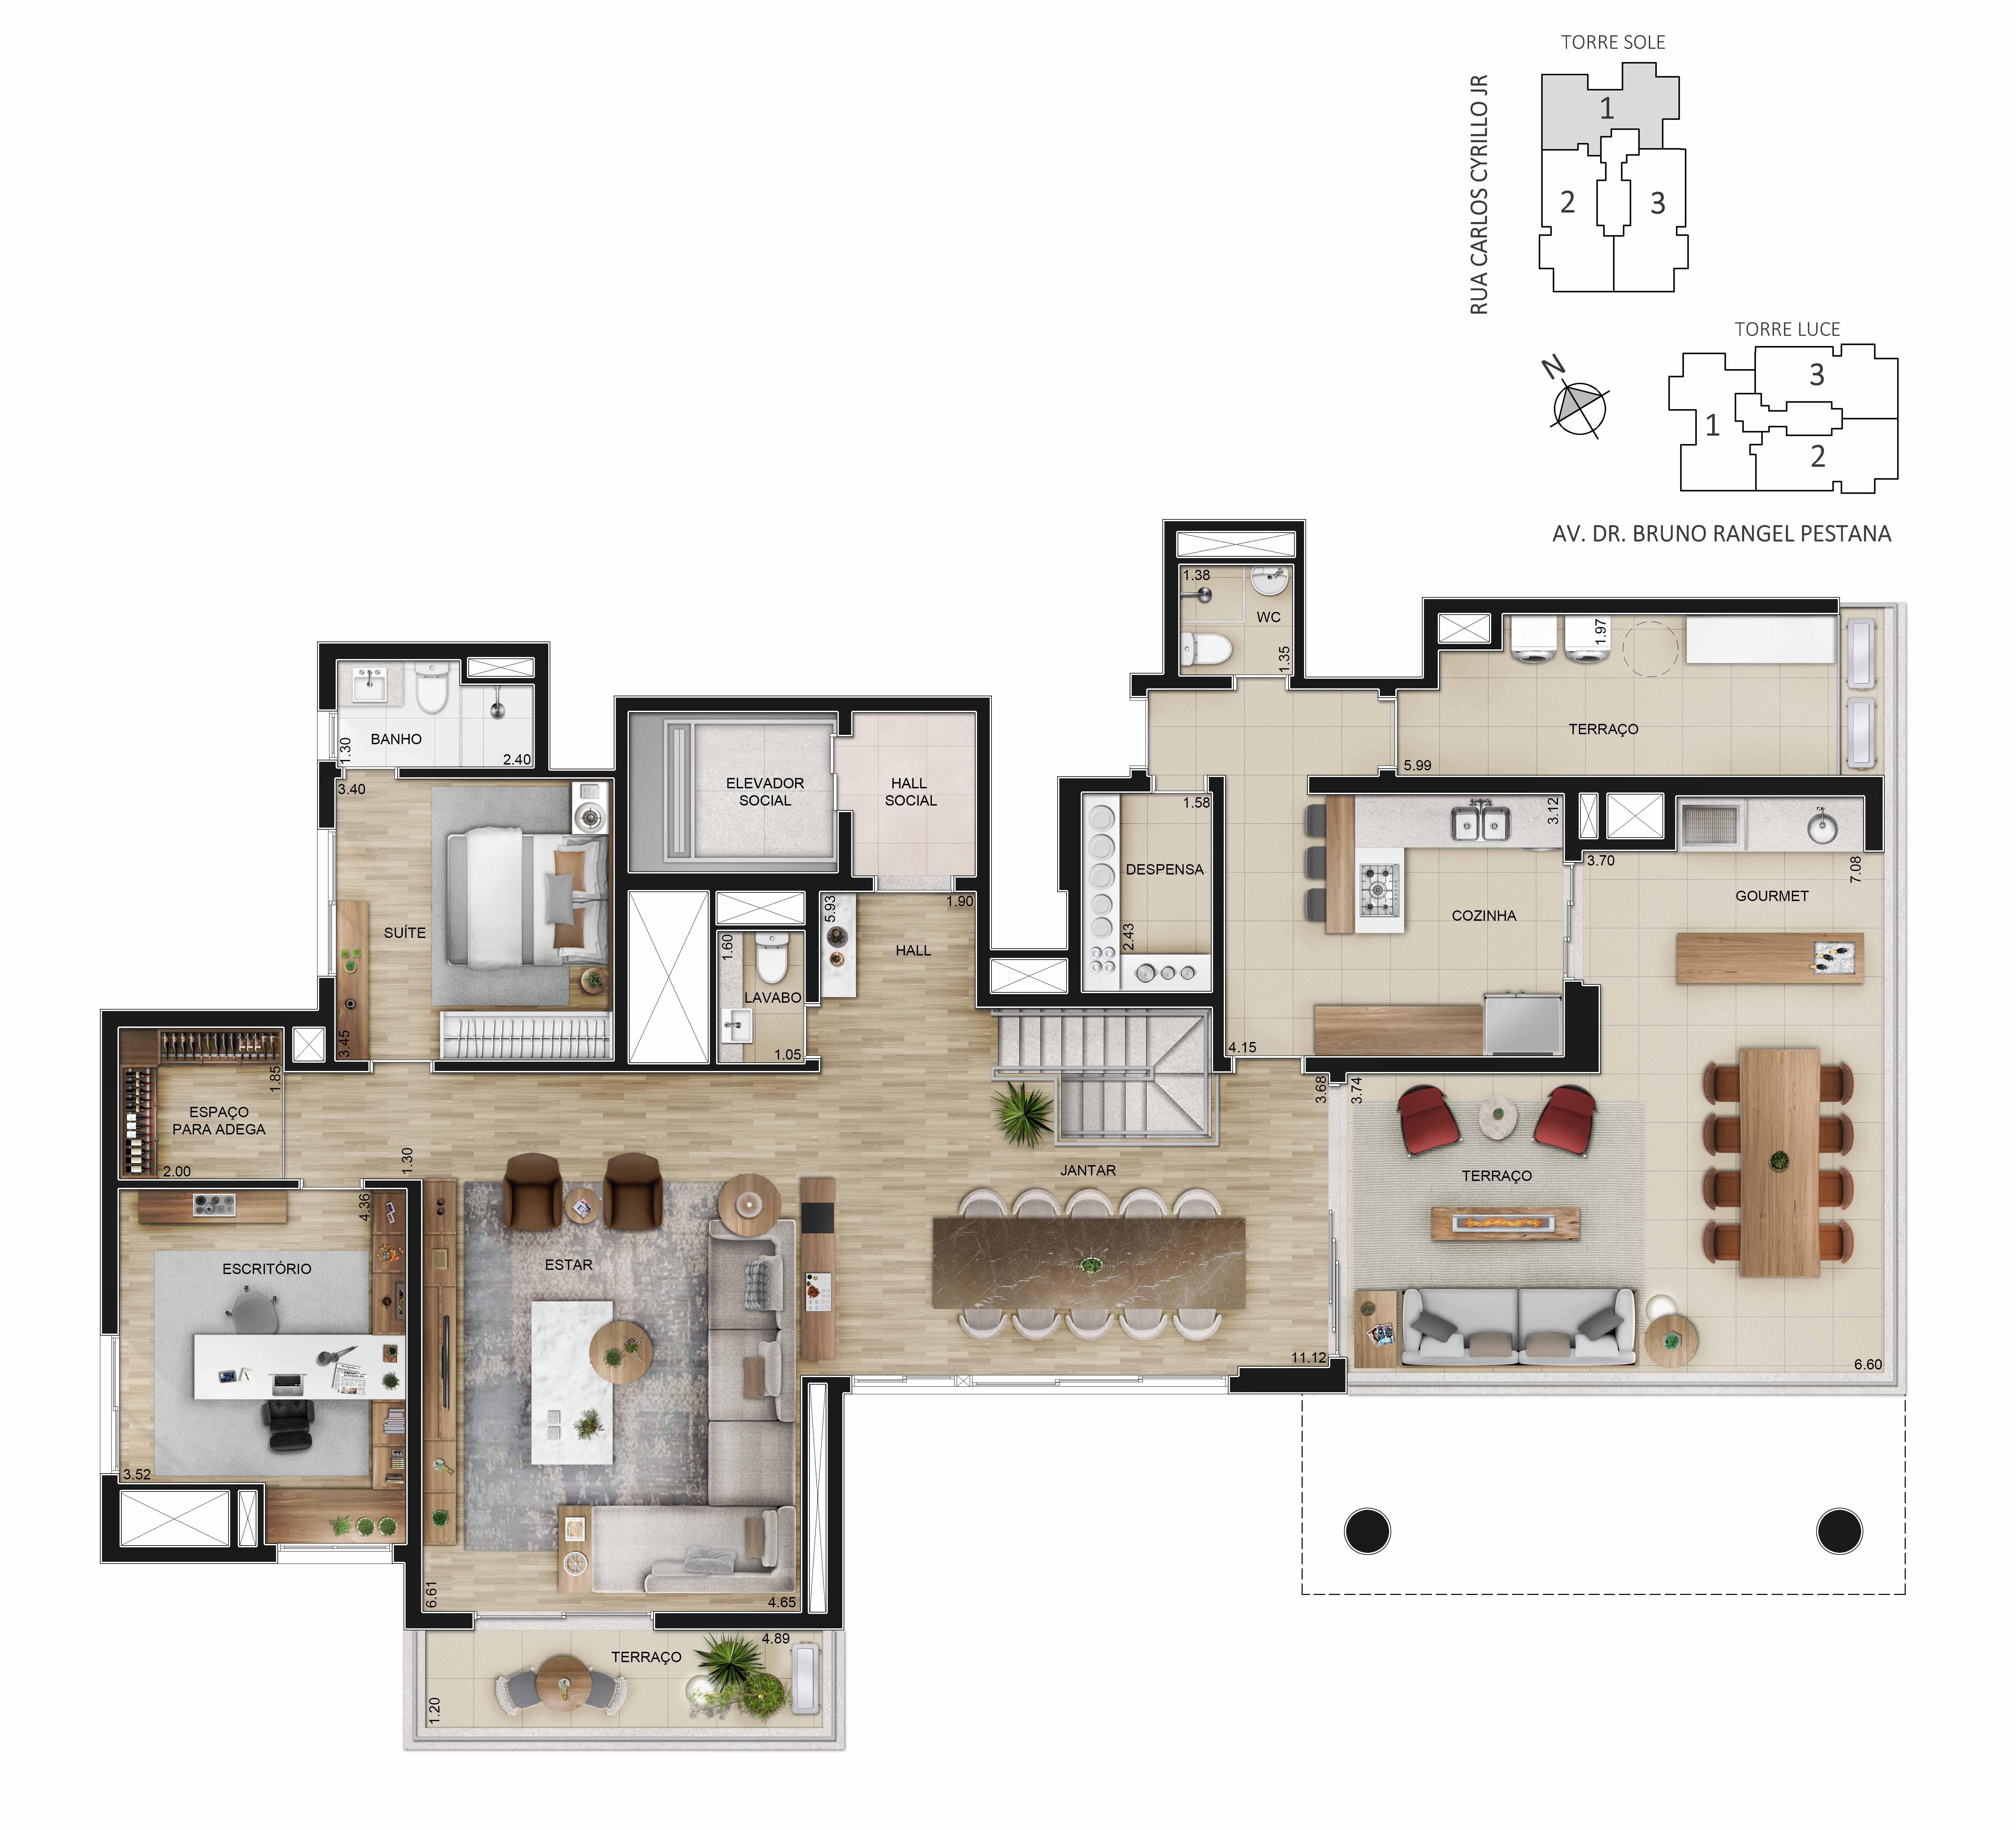 Planta da Townhouse de 377m² (Piso superior) - 4 suítes, escritório, sala íntima e lounge externo